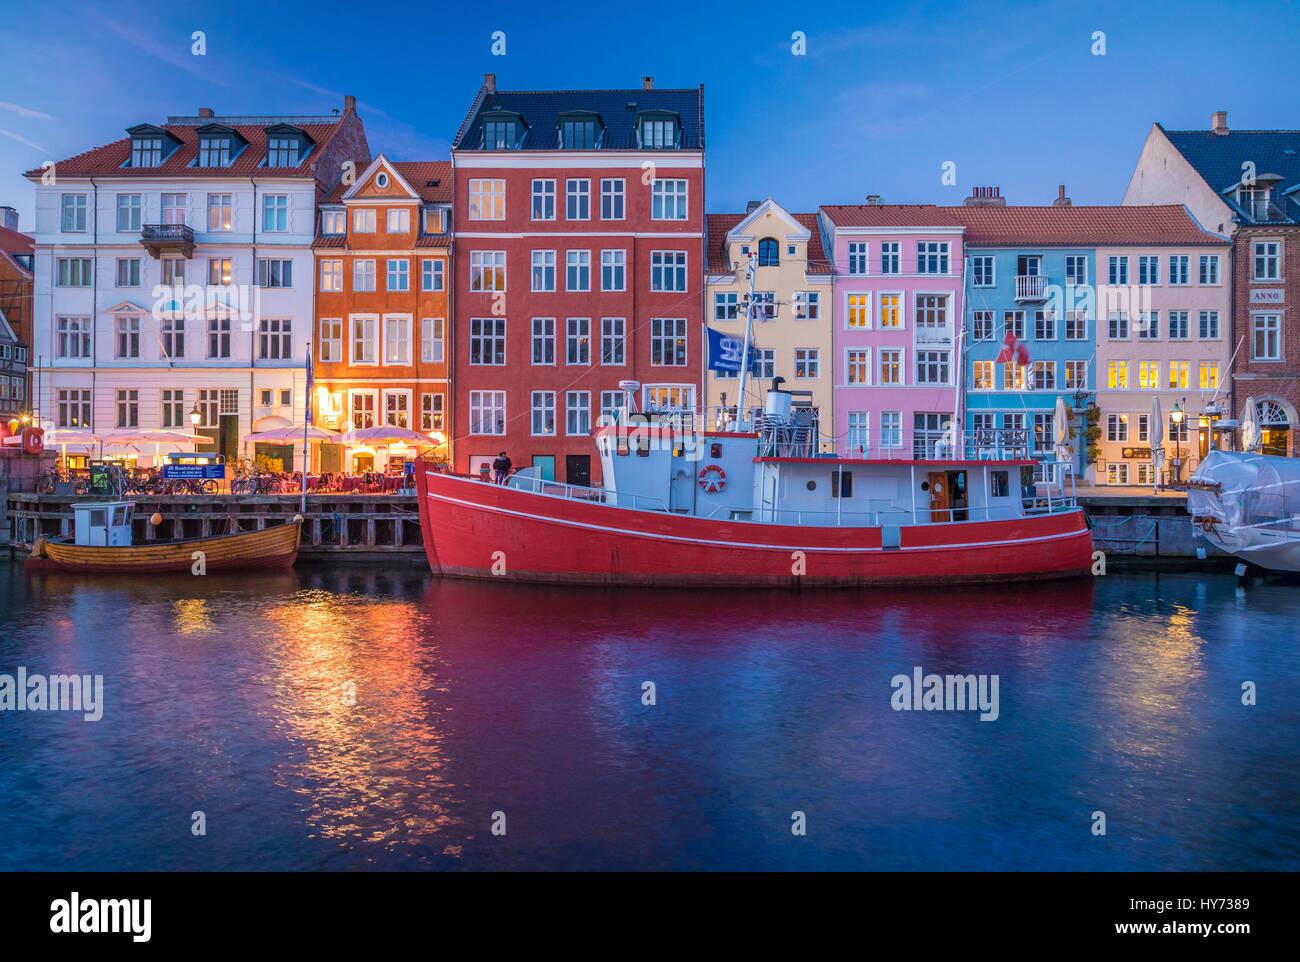 Nyhavn es una colorida siglo xvii Waterfront, el canal y el distrito de entretenimiento popular en Copenhague, Dinamarca. Foto de stock